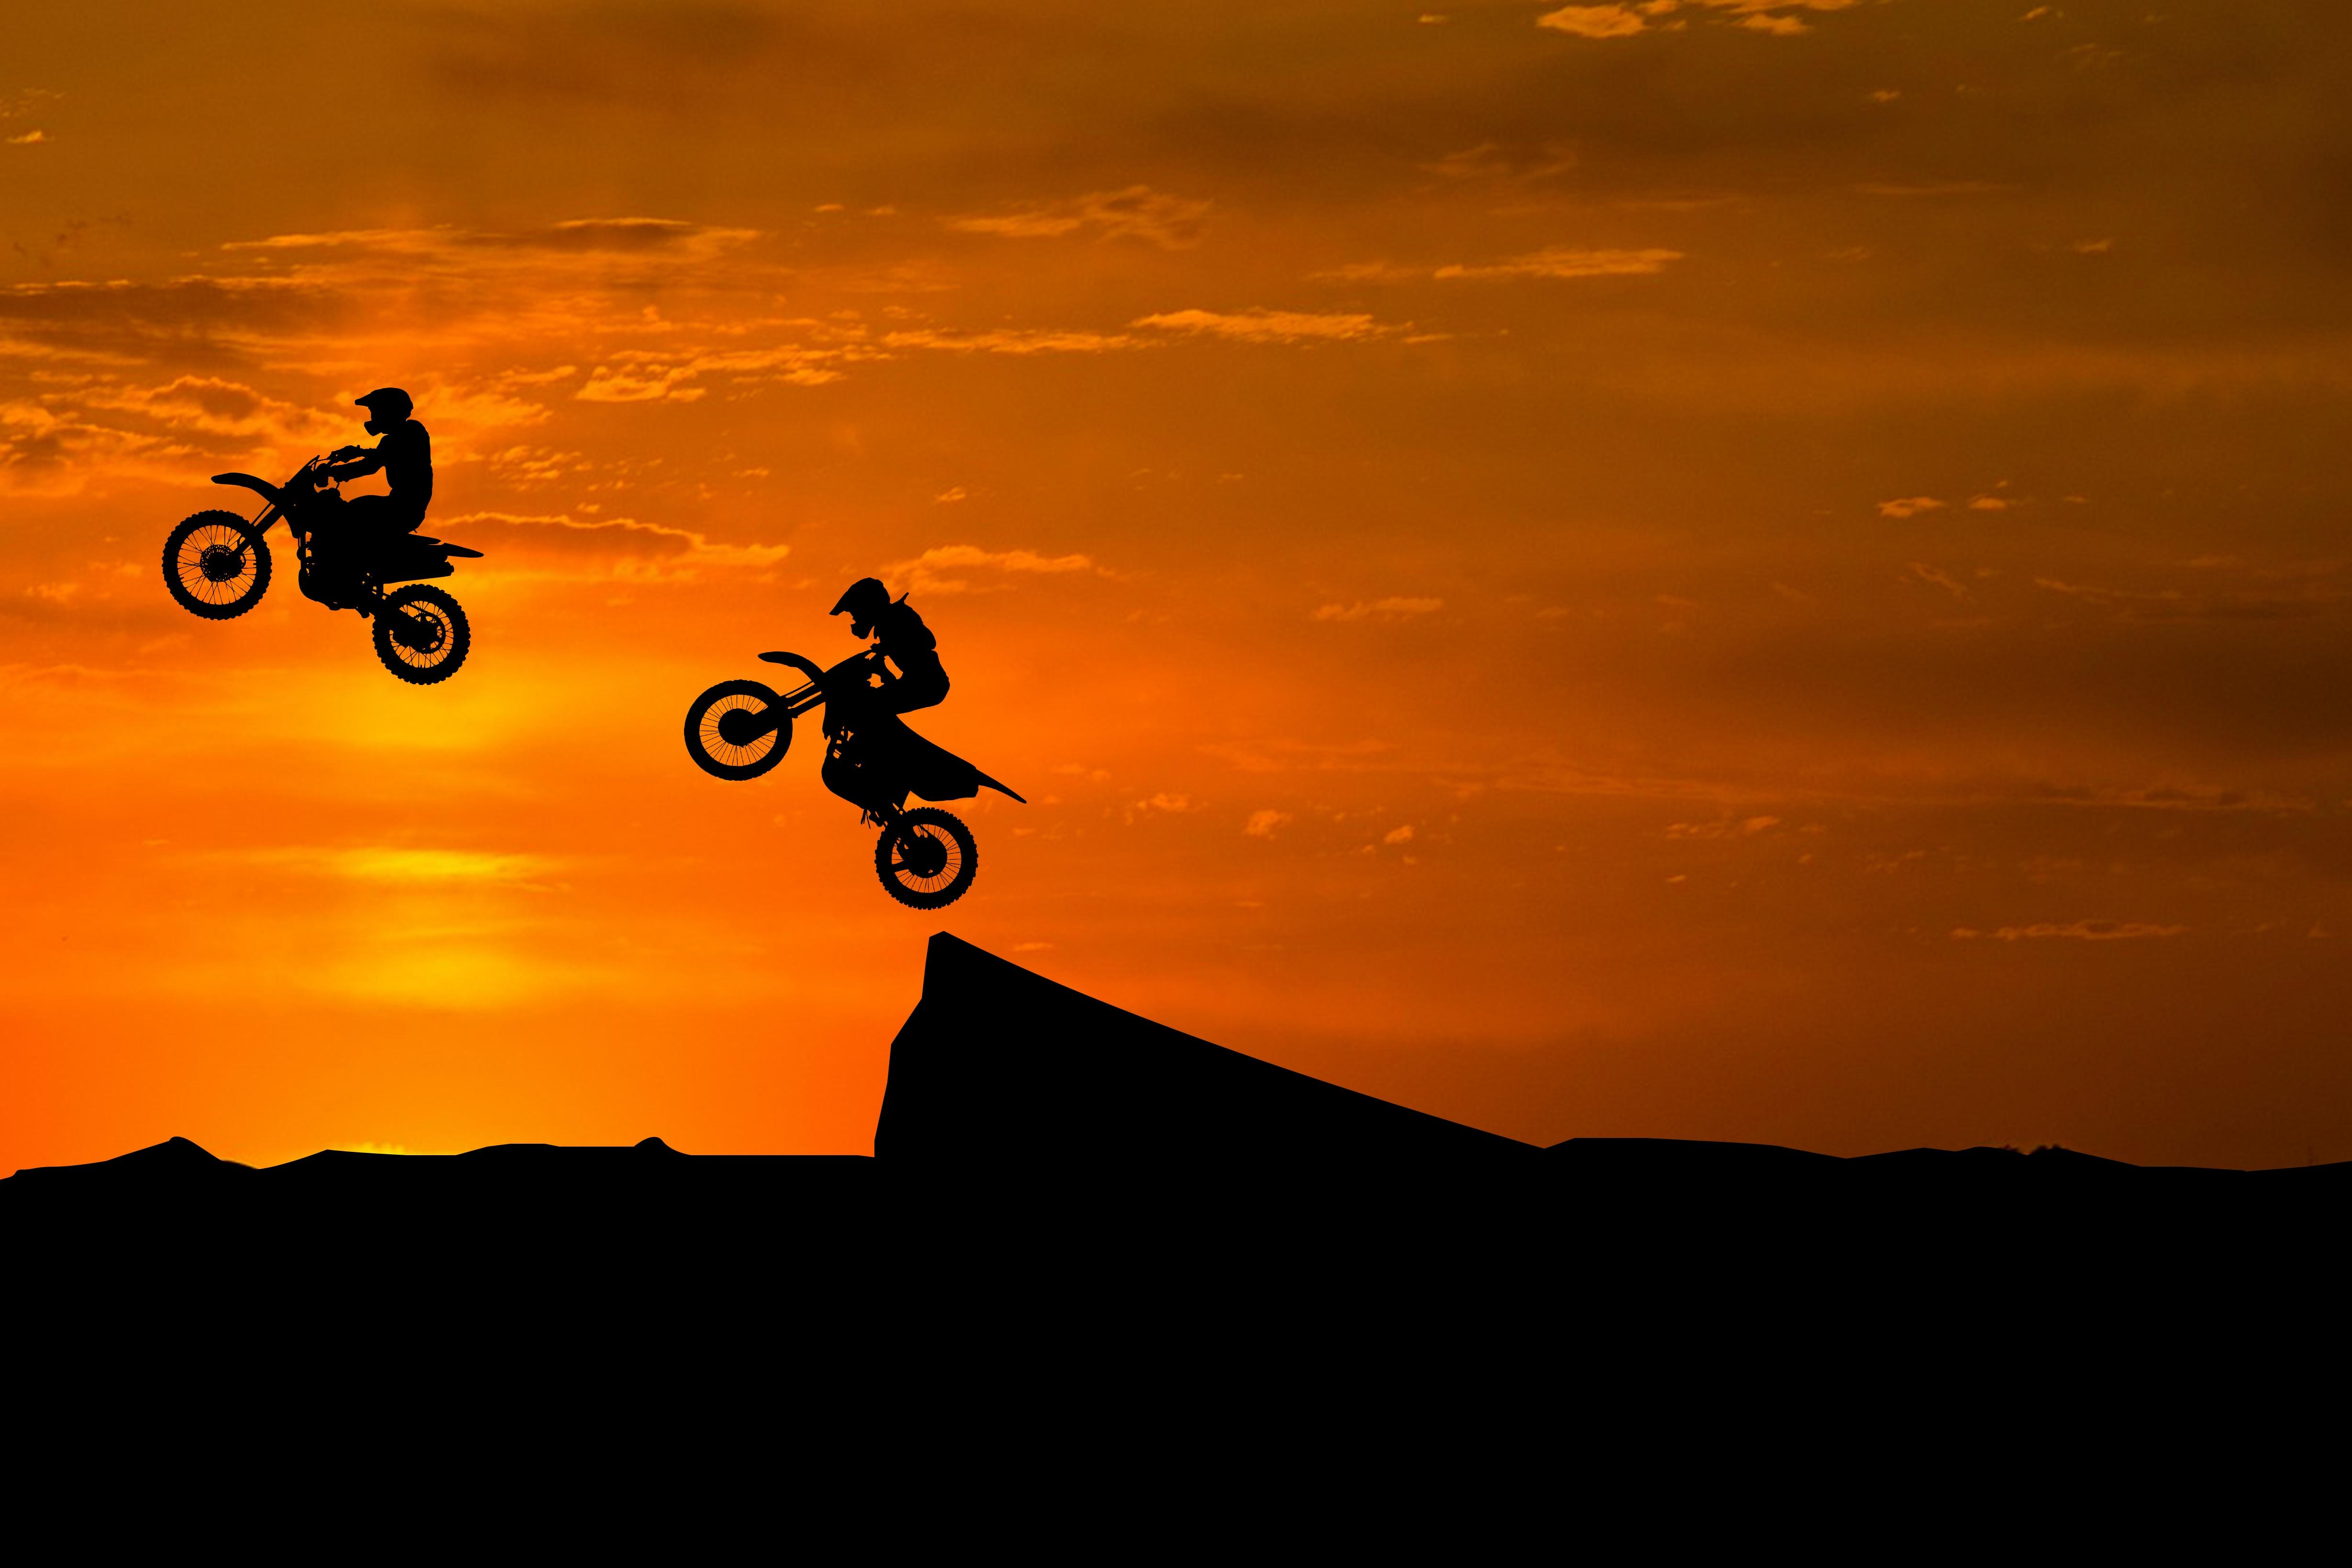 89499 скачать обои Мотоциклы, Мотоциклист, Силуэты, Трюк, Возвышенность - заставки и картинки бесплатно